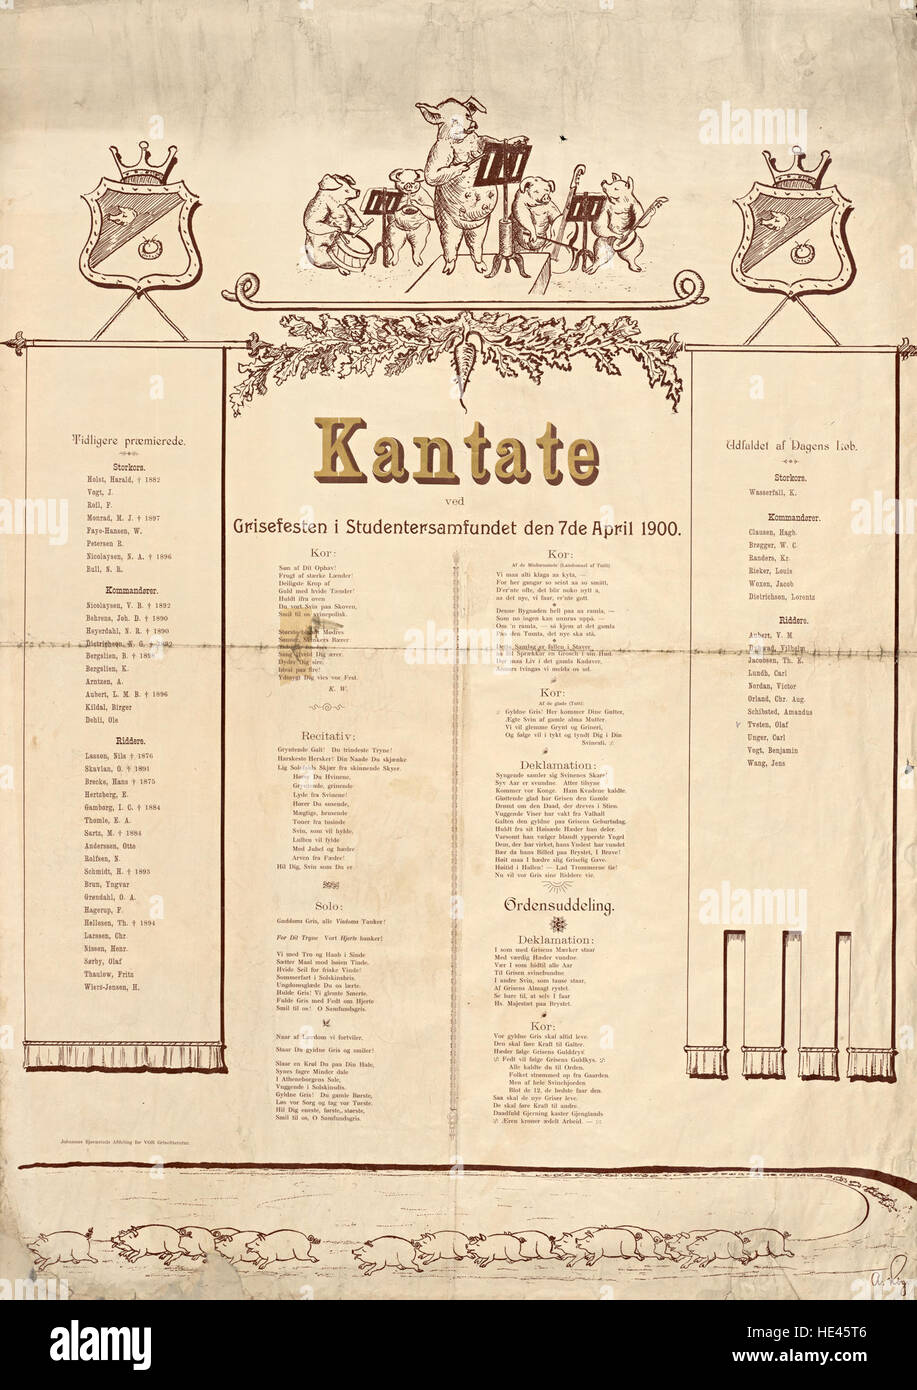 Kantate ved Grisefesten i Studentersamfundet den 7de April 1900 - Stock Image